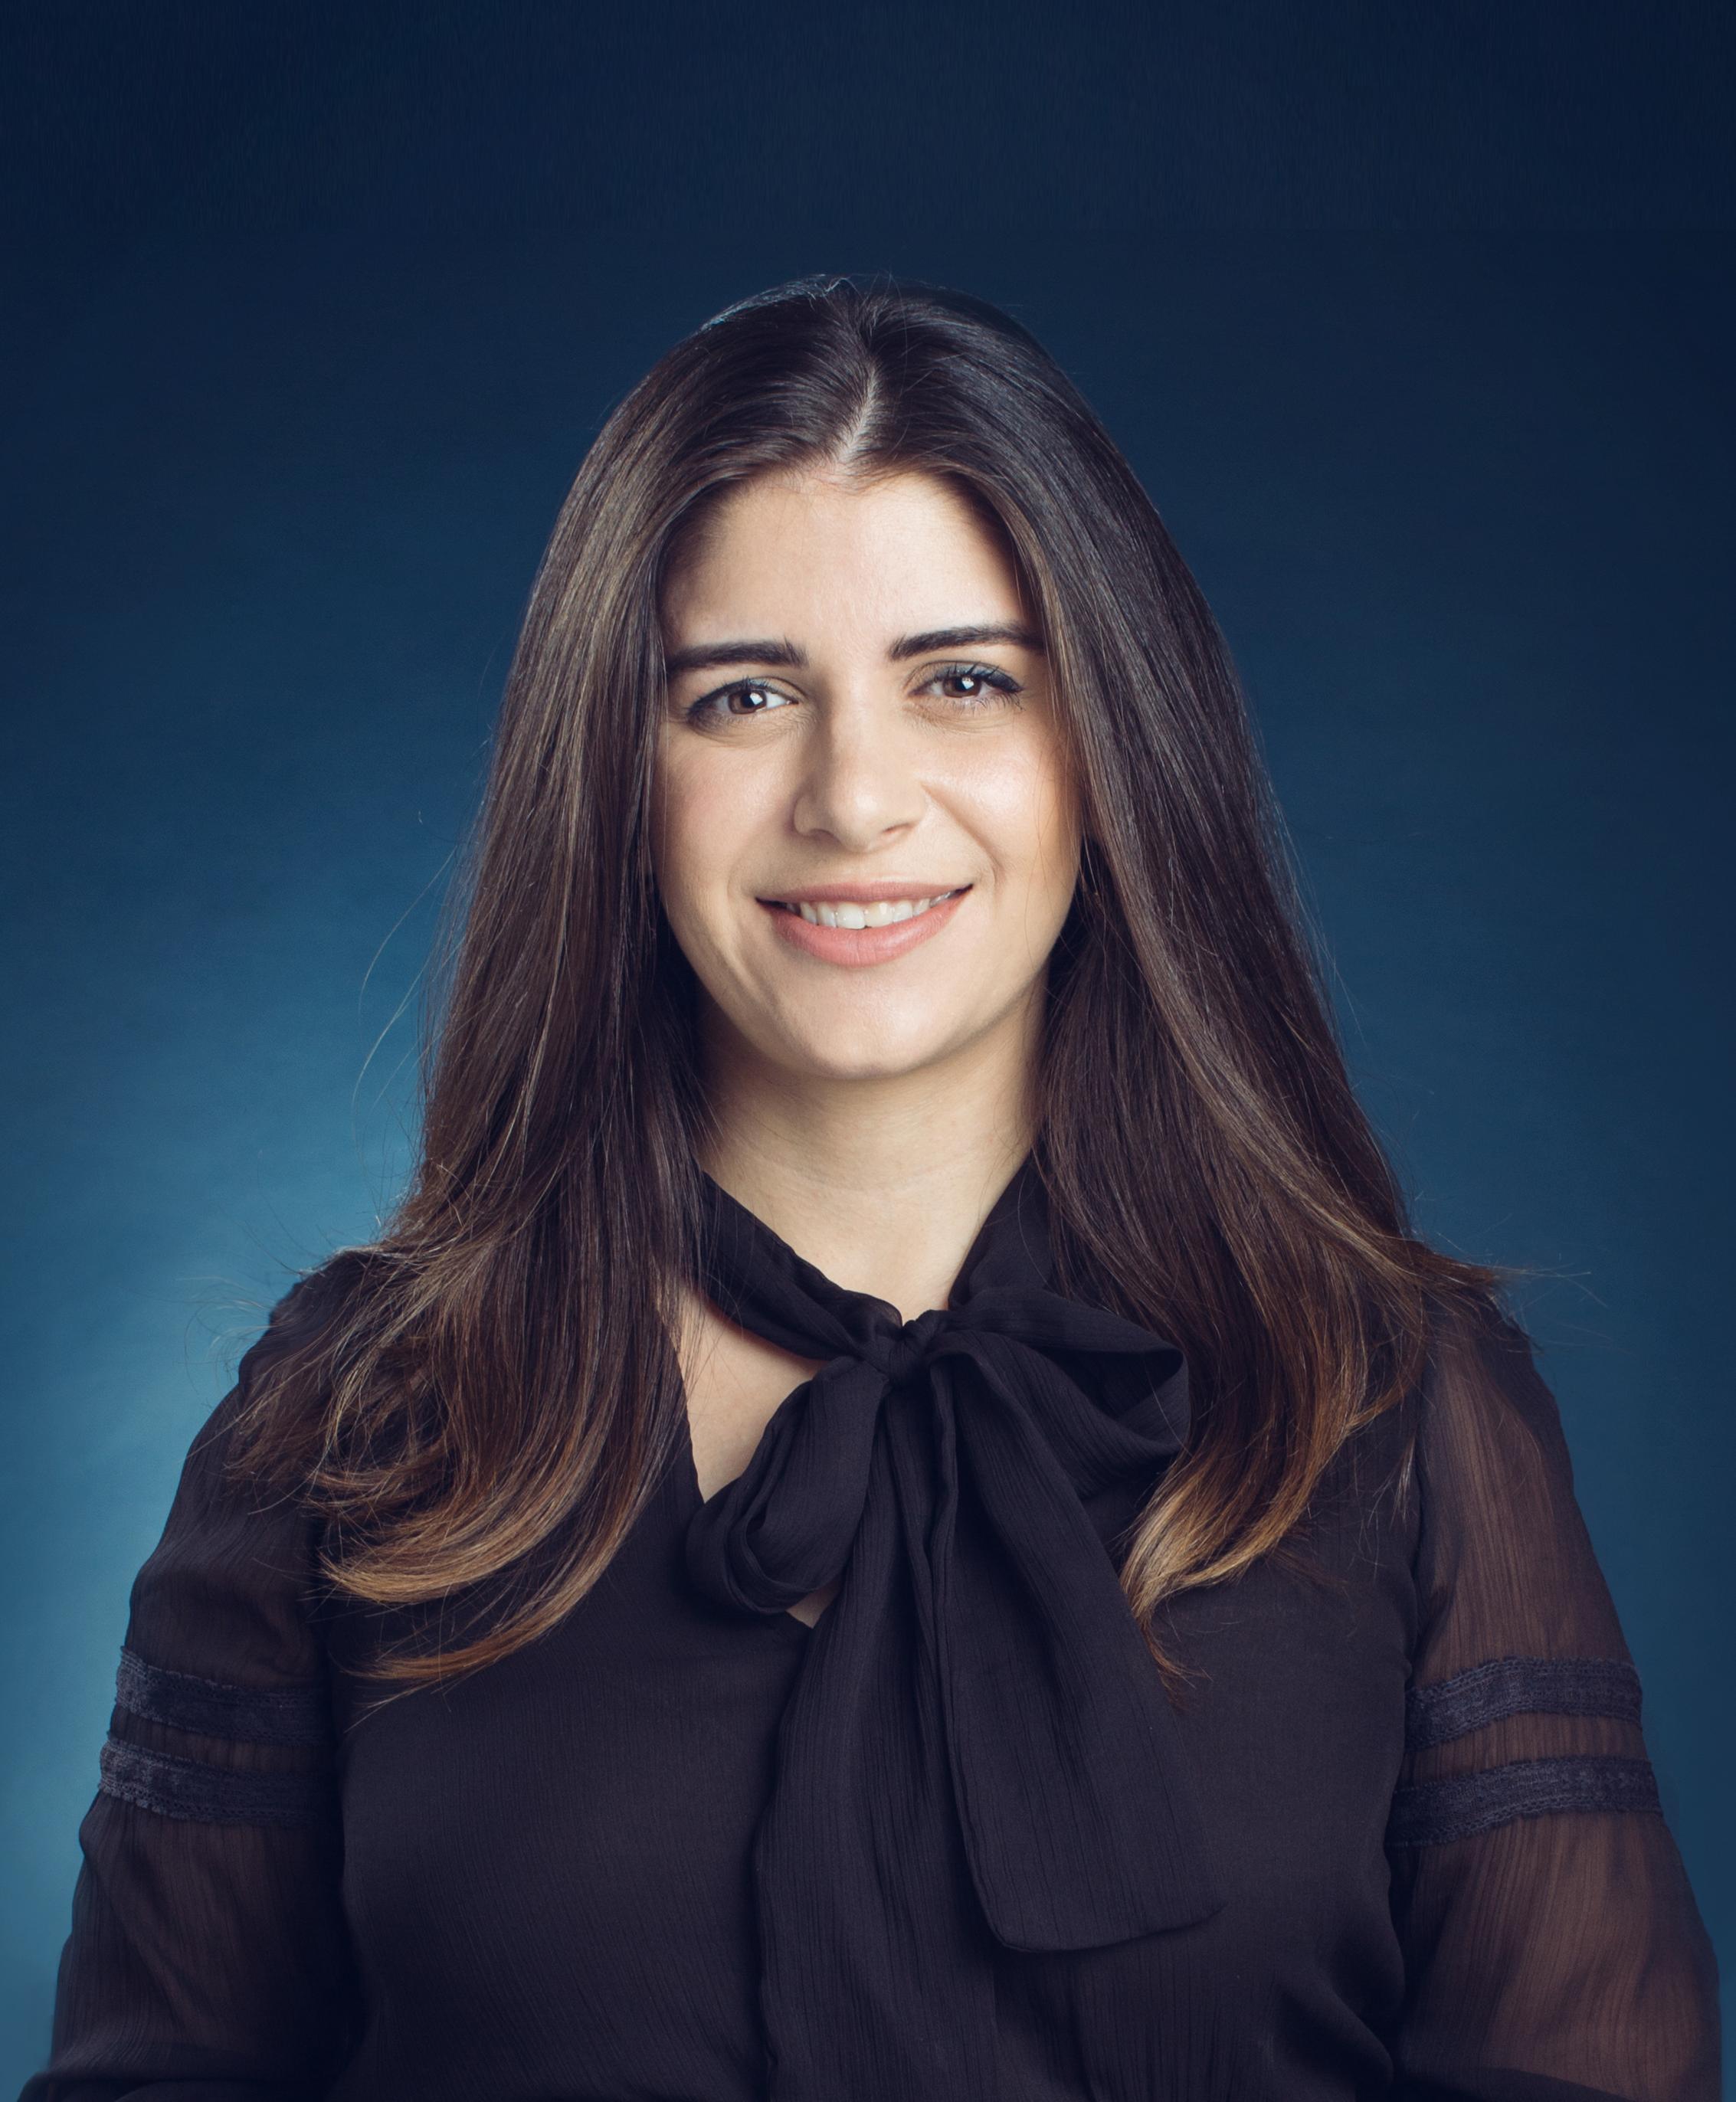 ליסה חנניה